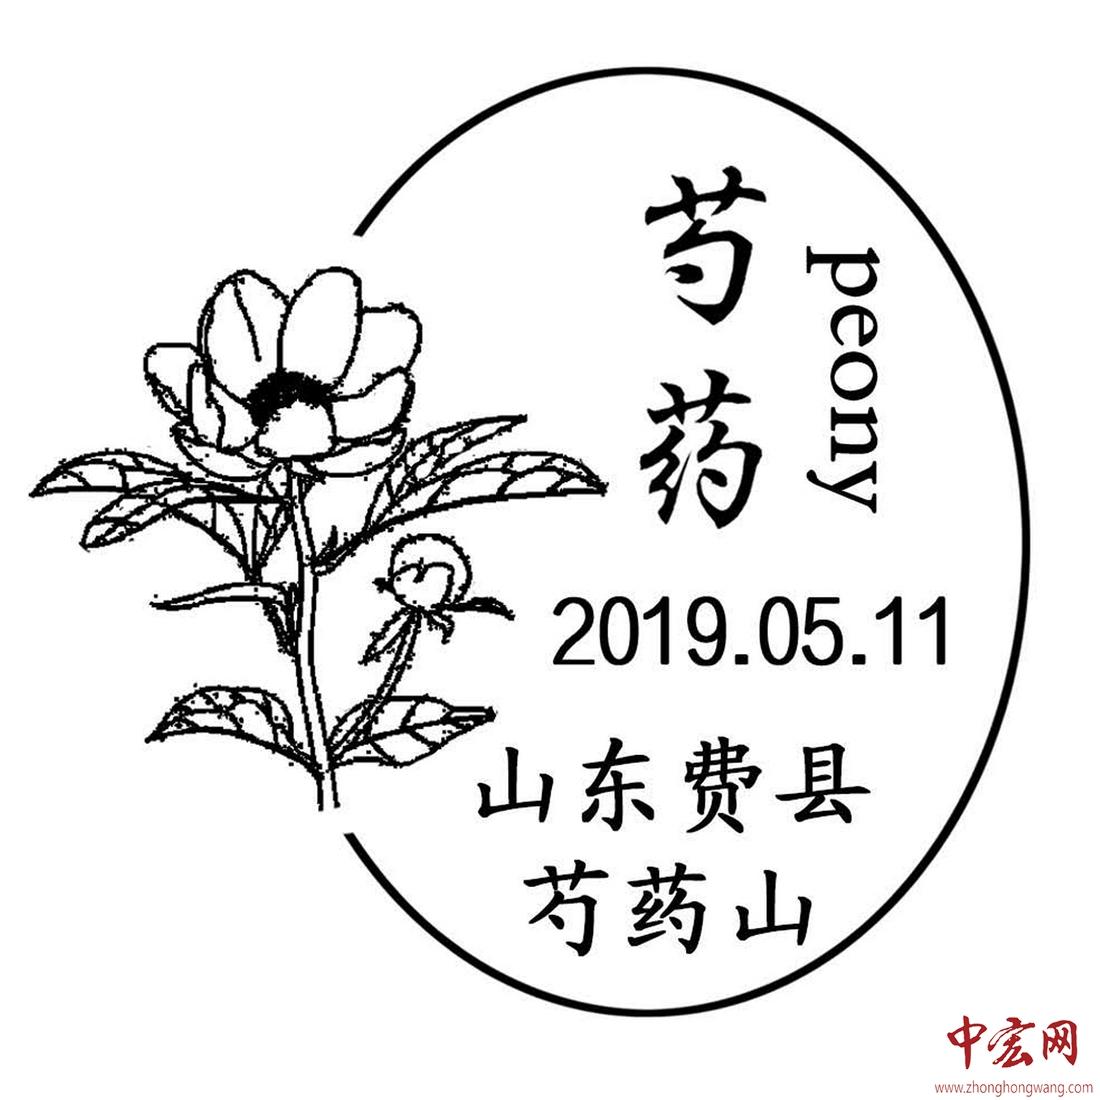 《芍药》特种邮票发行临沂费县纪念戳.jpg